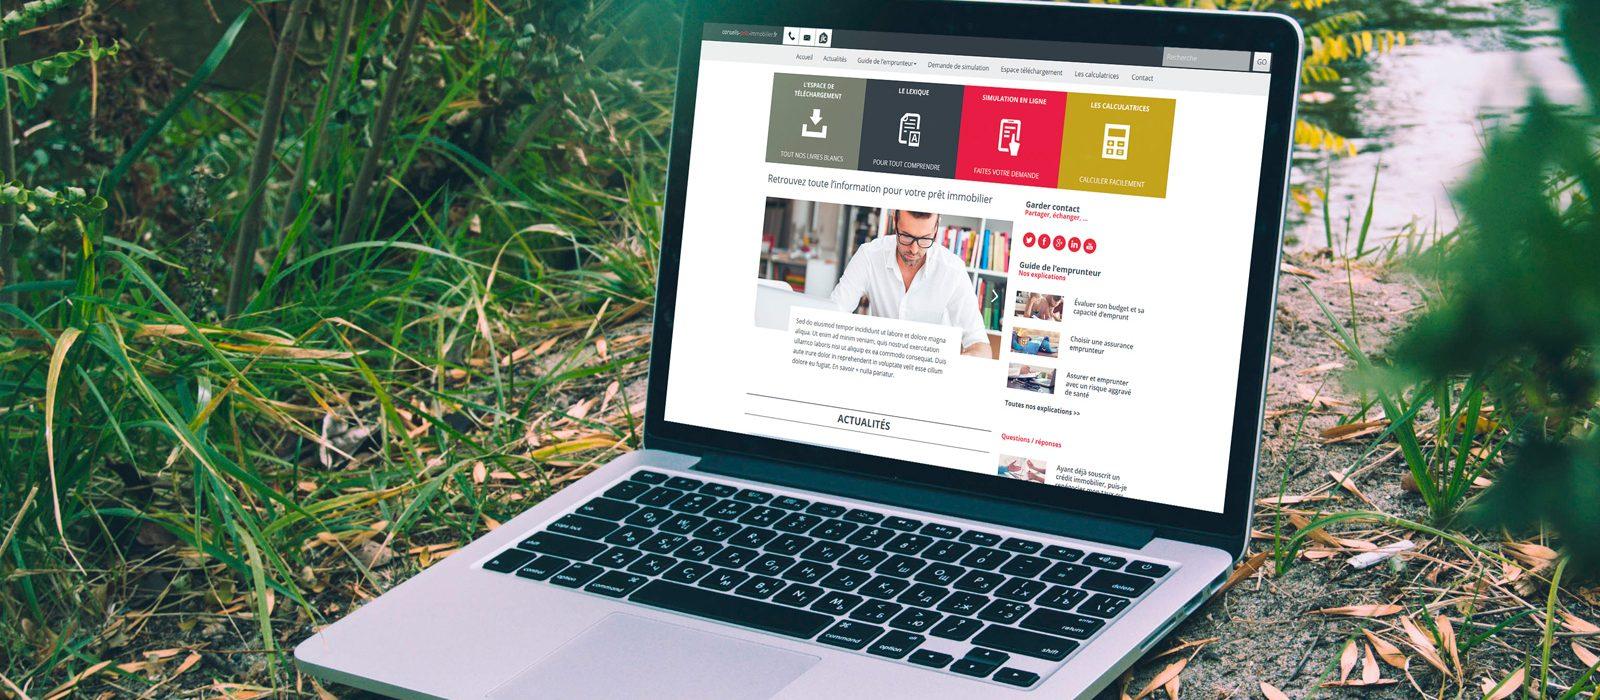 creation blog jlc : conseils-pret-immobilier.fr